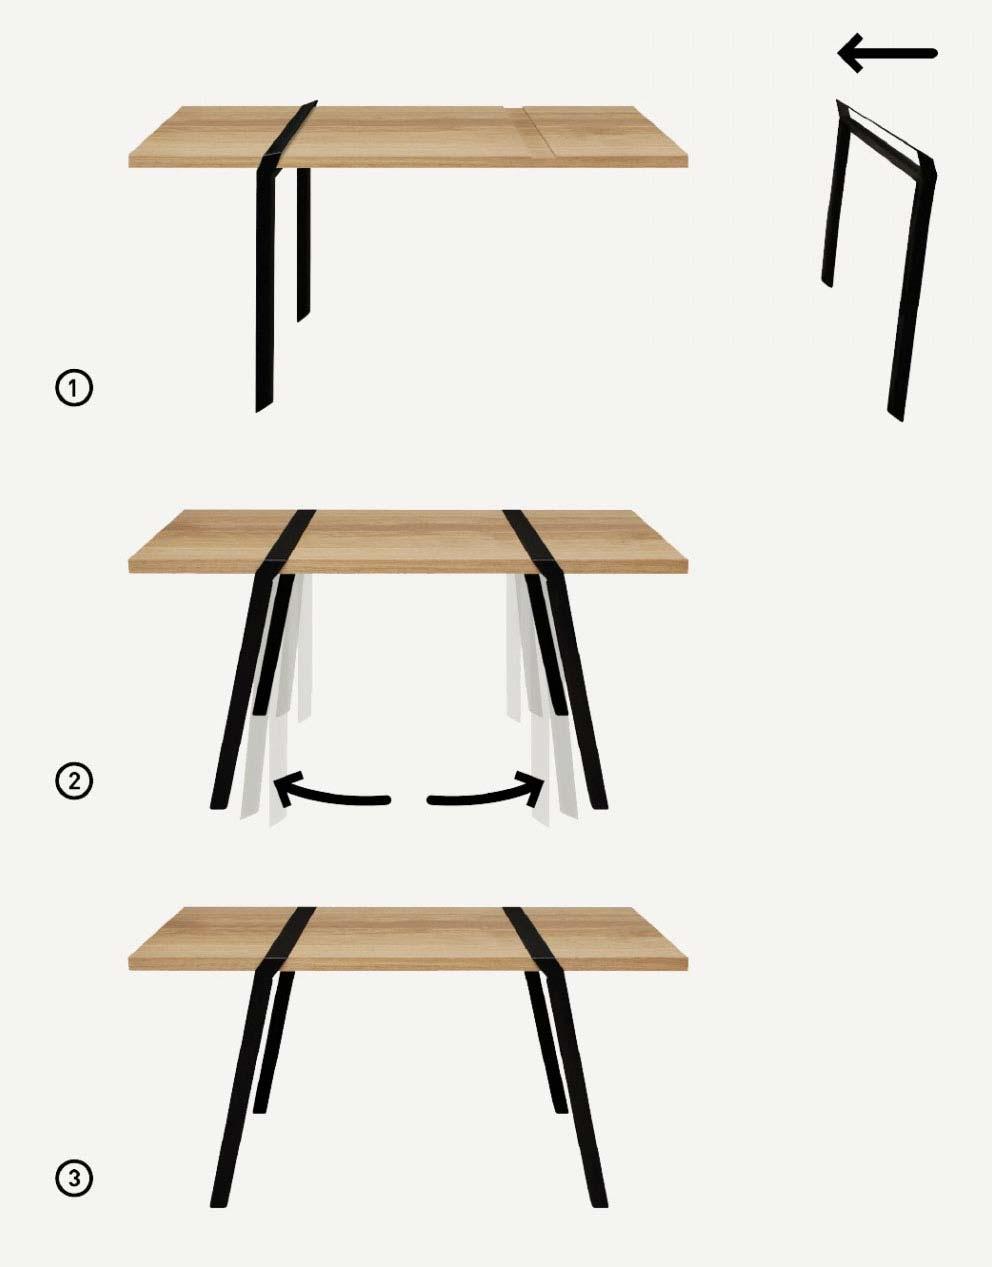 tr teaux originauxs noirs. Black Bedroom Furniture Sets. Home Design Ideas